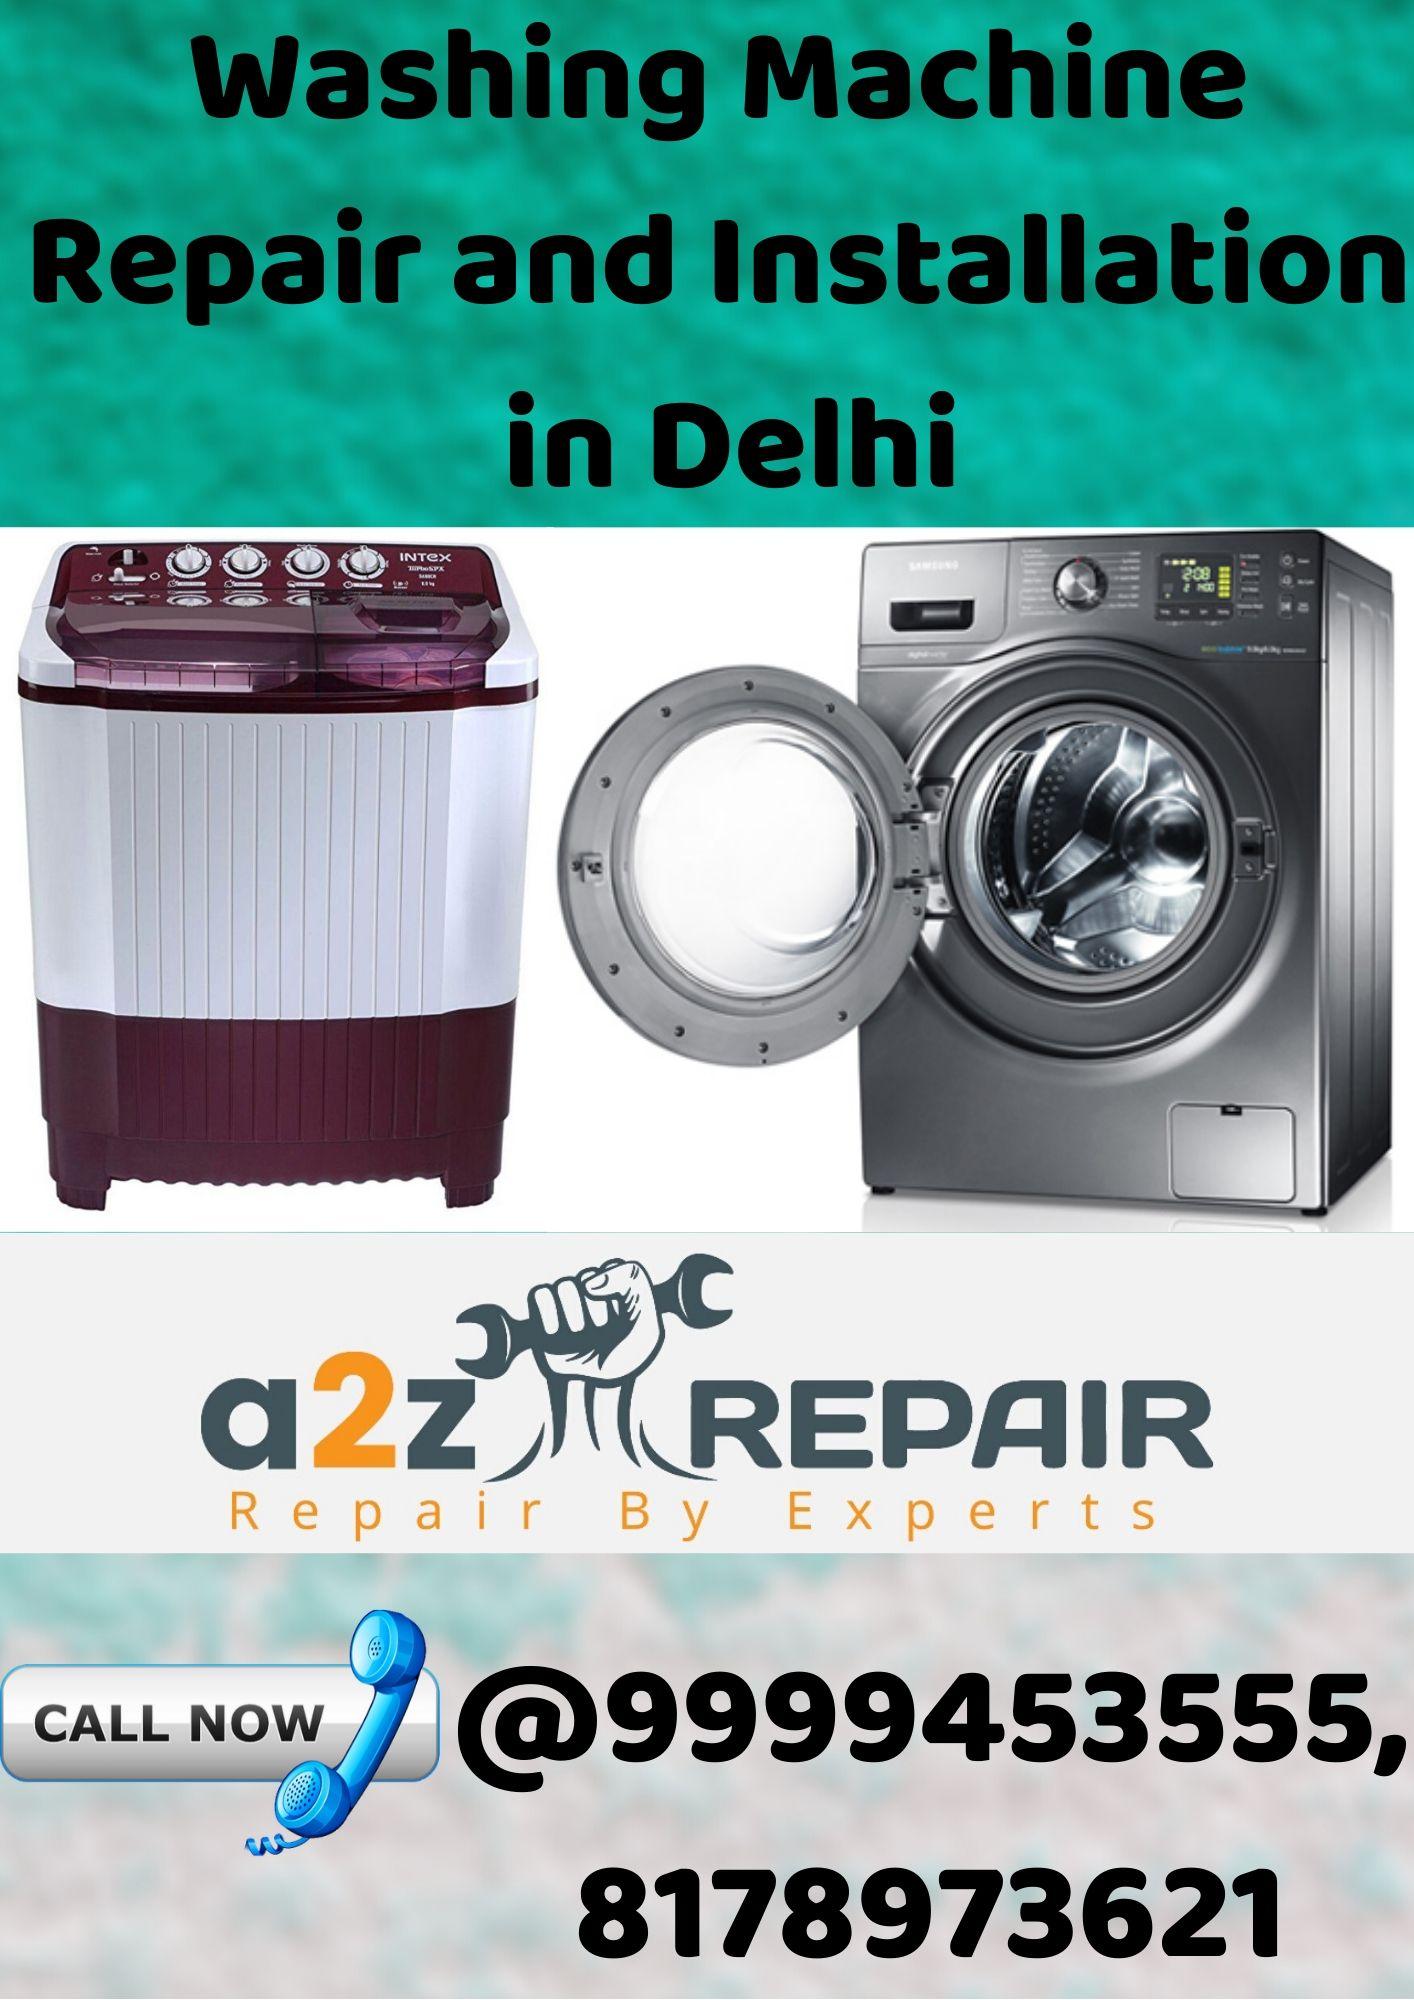 Washing Machine Repair & Installation